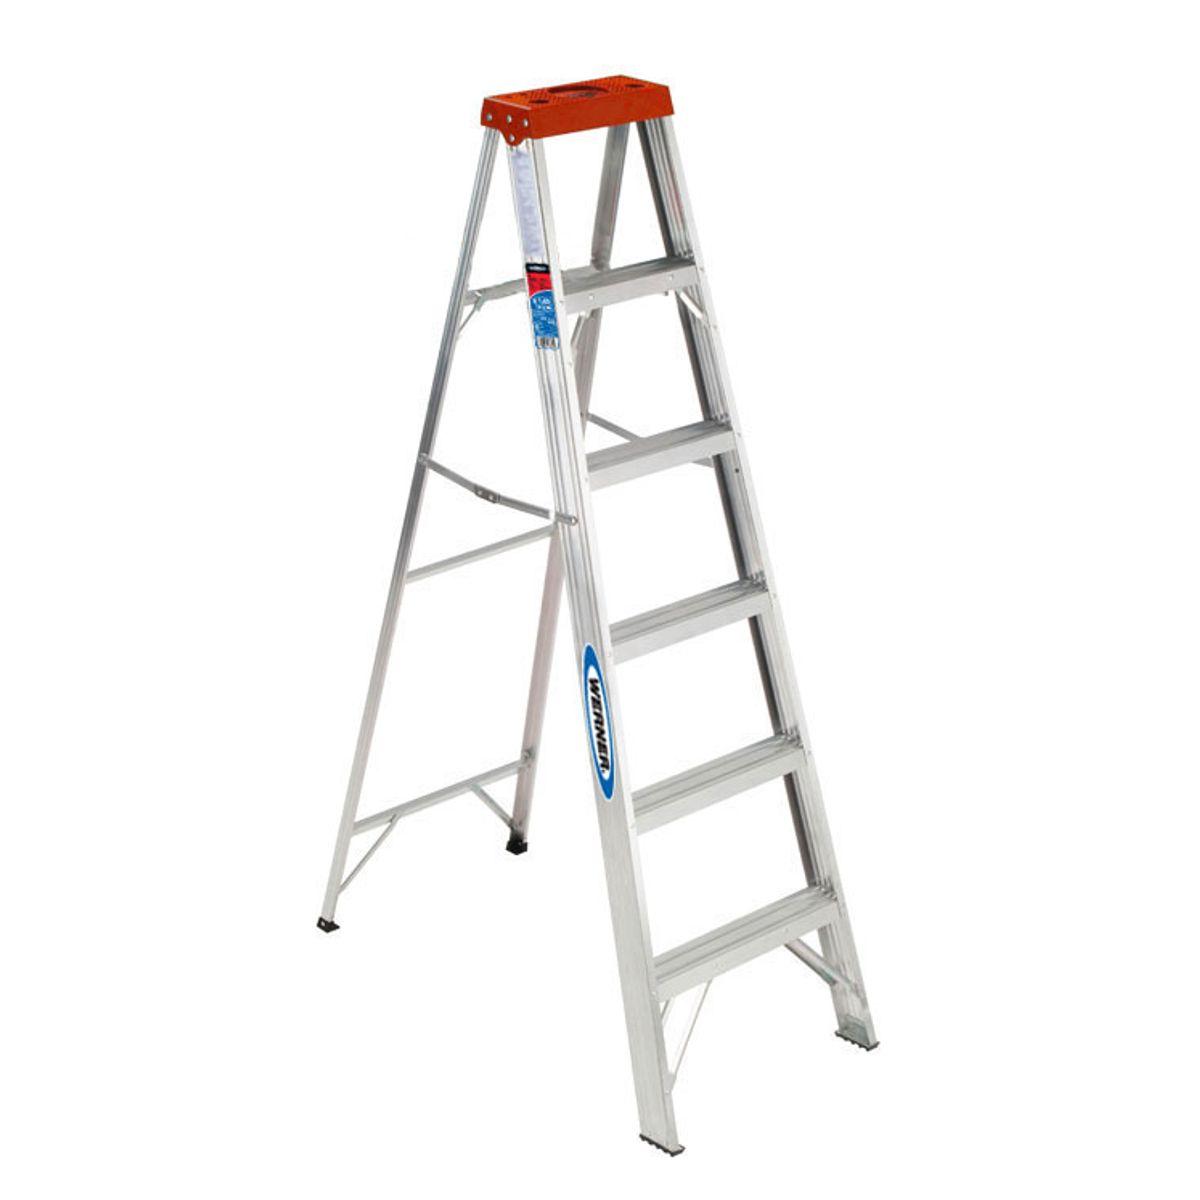 936ca Step Ladders Werner Ca